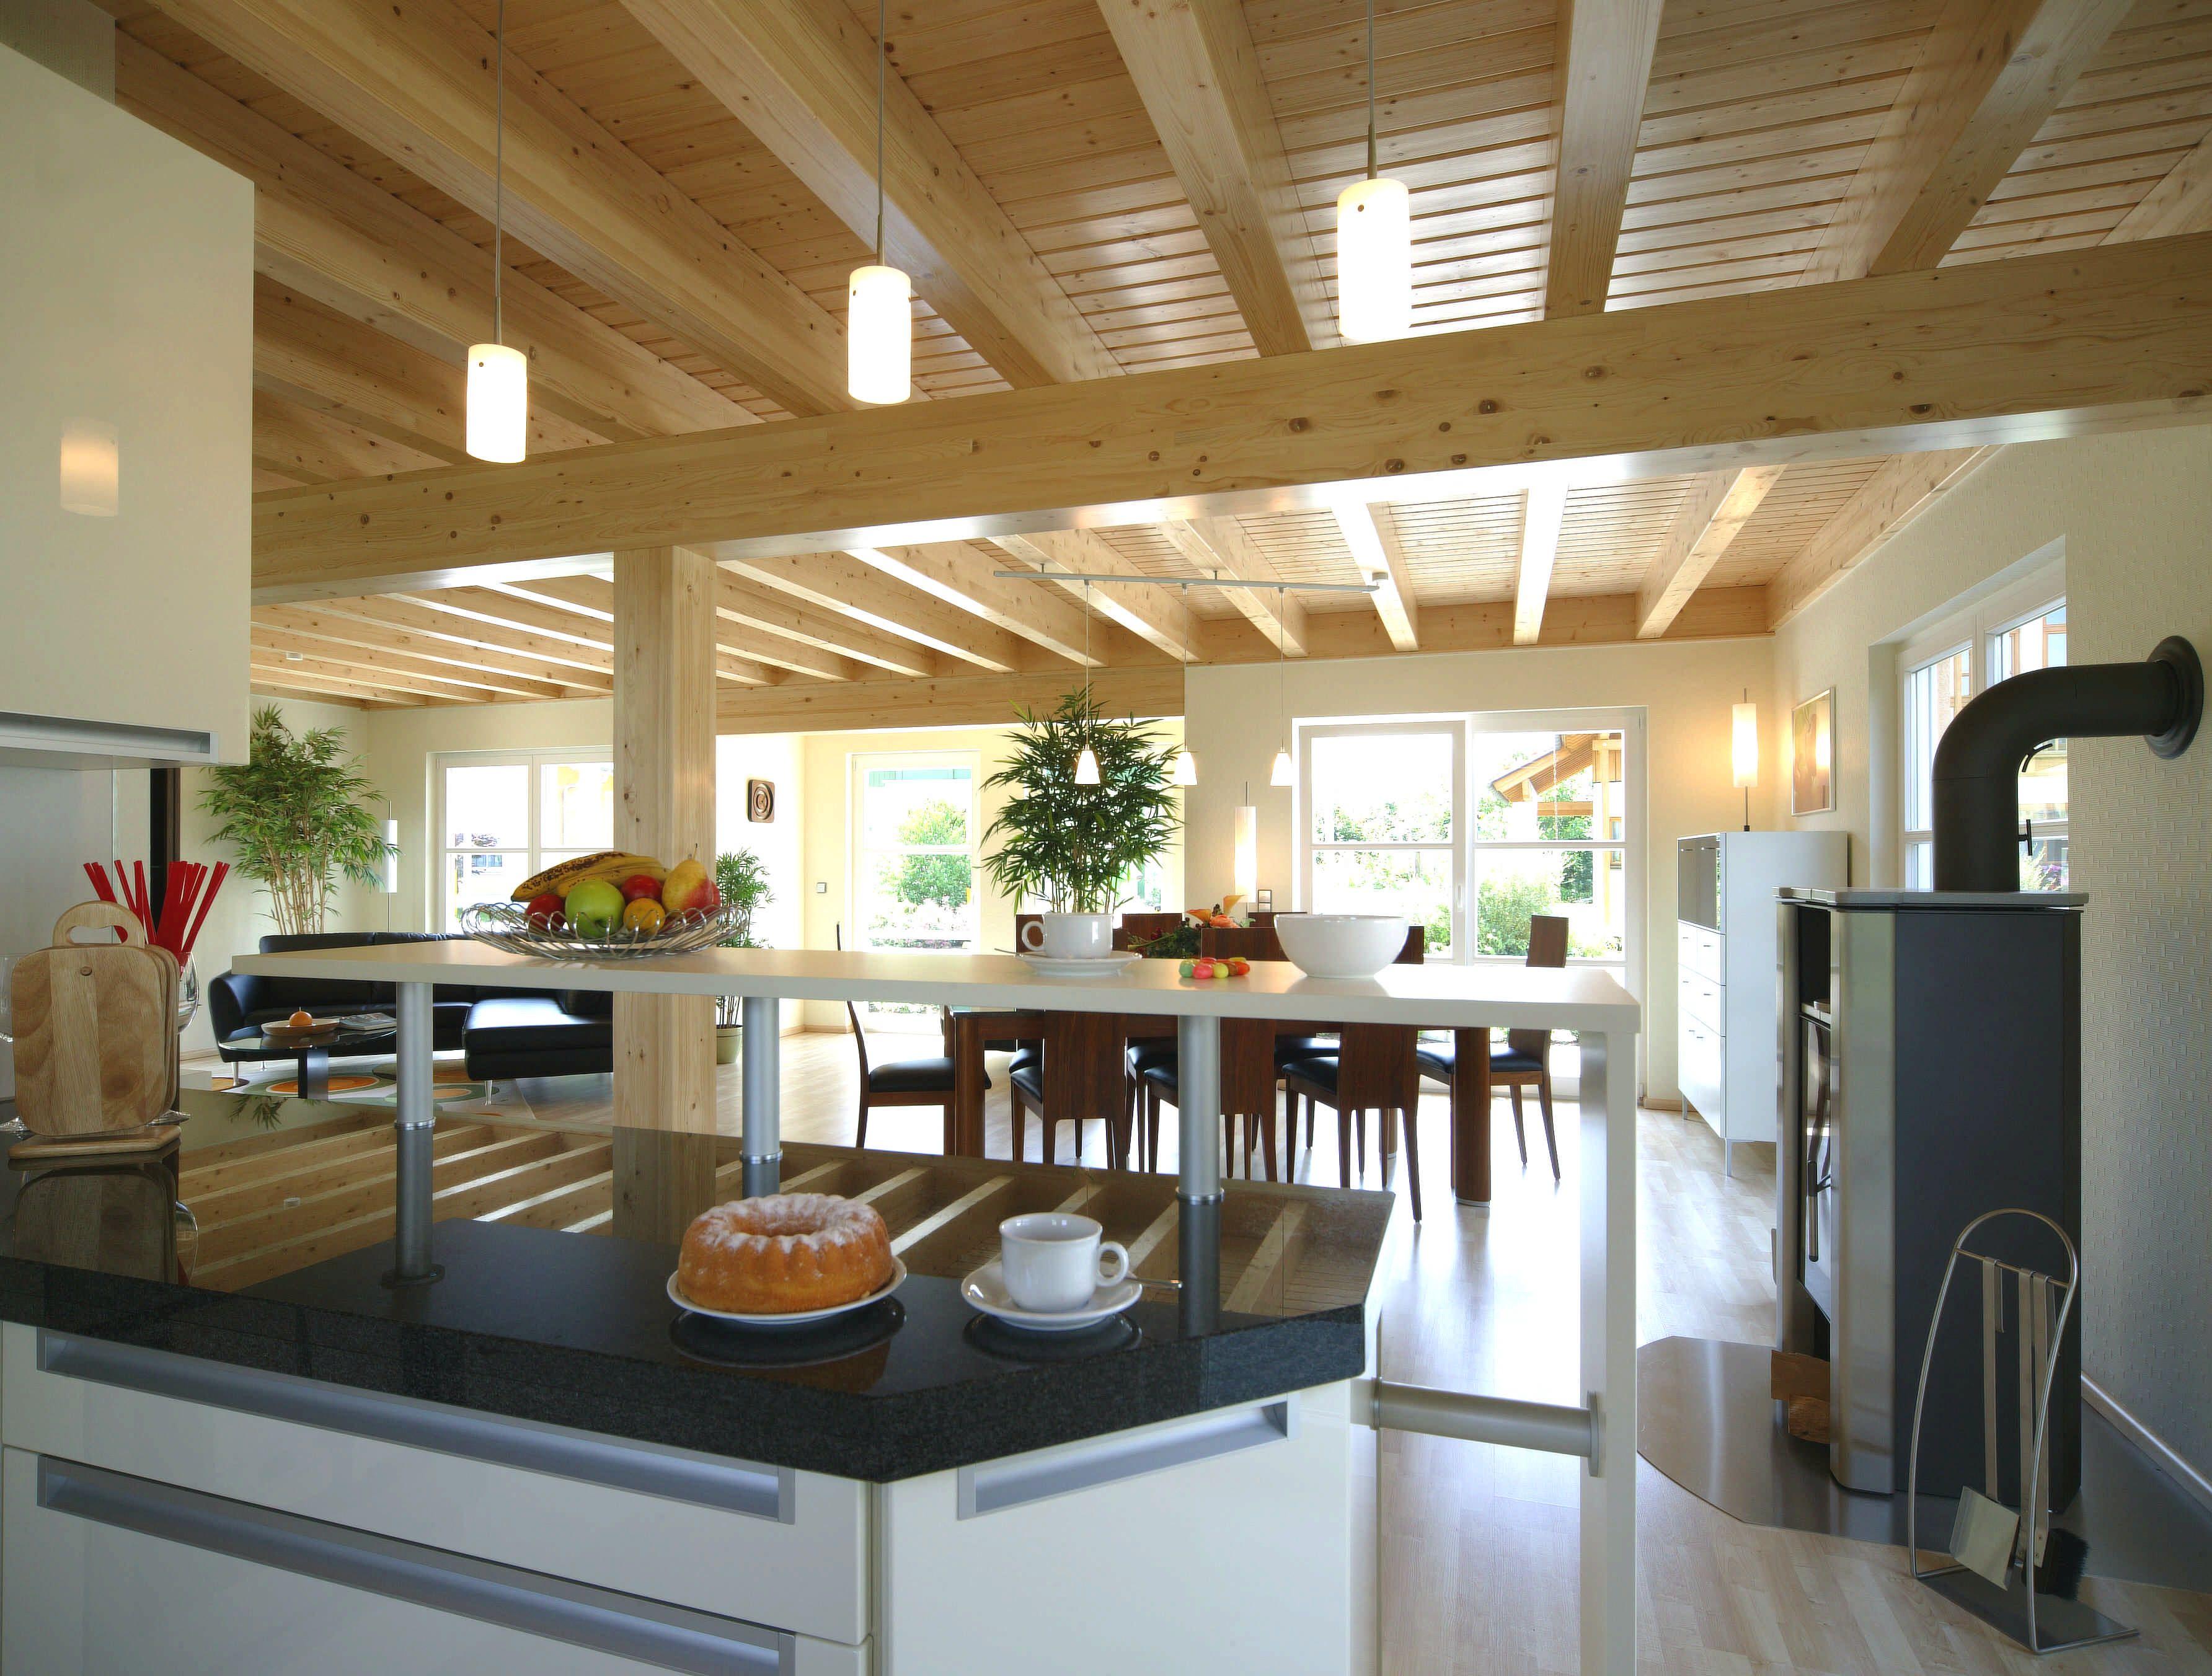 Amazing Offene K che mit Wohnraum kitchen Fertighaus WEISS Bavaria